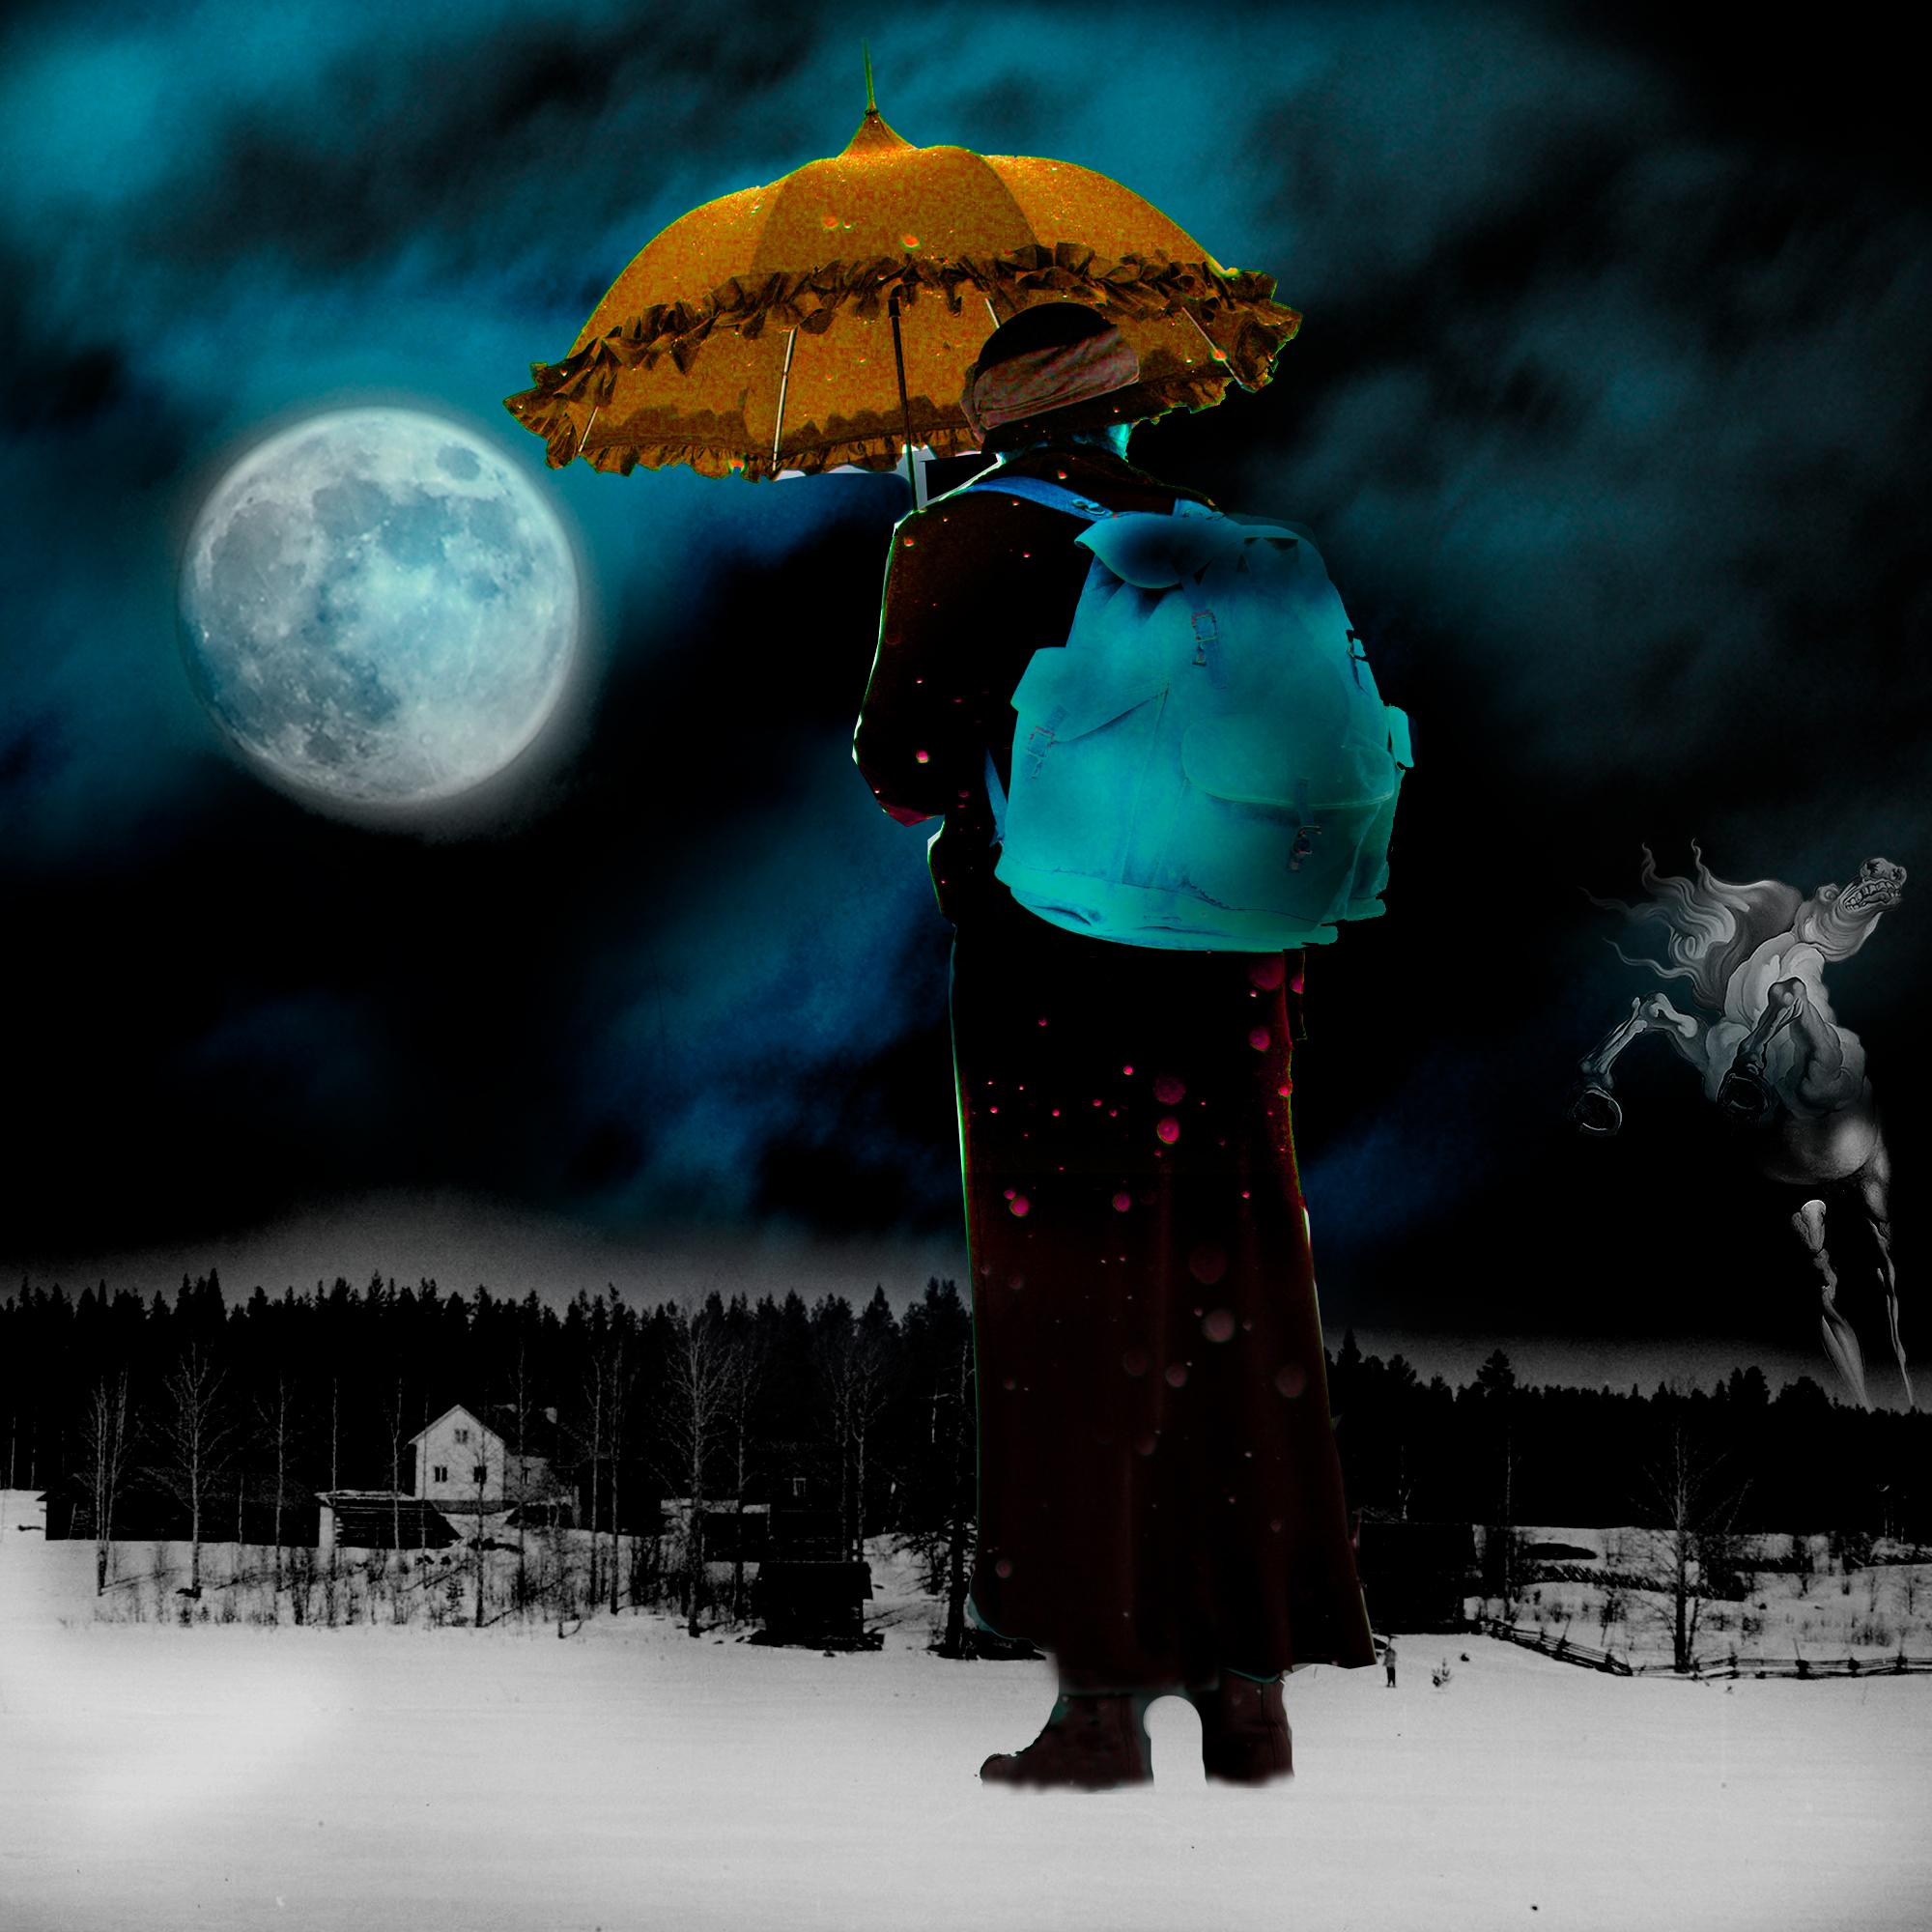 El influjo de la Luna II: Espejismo - Collage con paisaje nocturno con luna, una mujer y el caballo de Dalí. Loco Mundo Arte y Bohemia